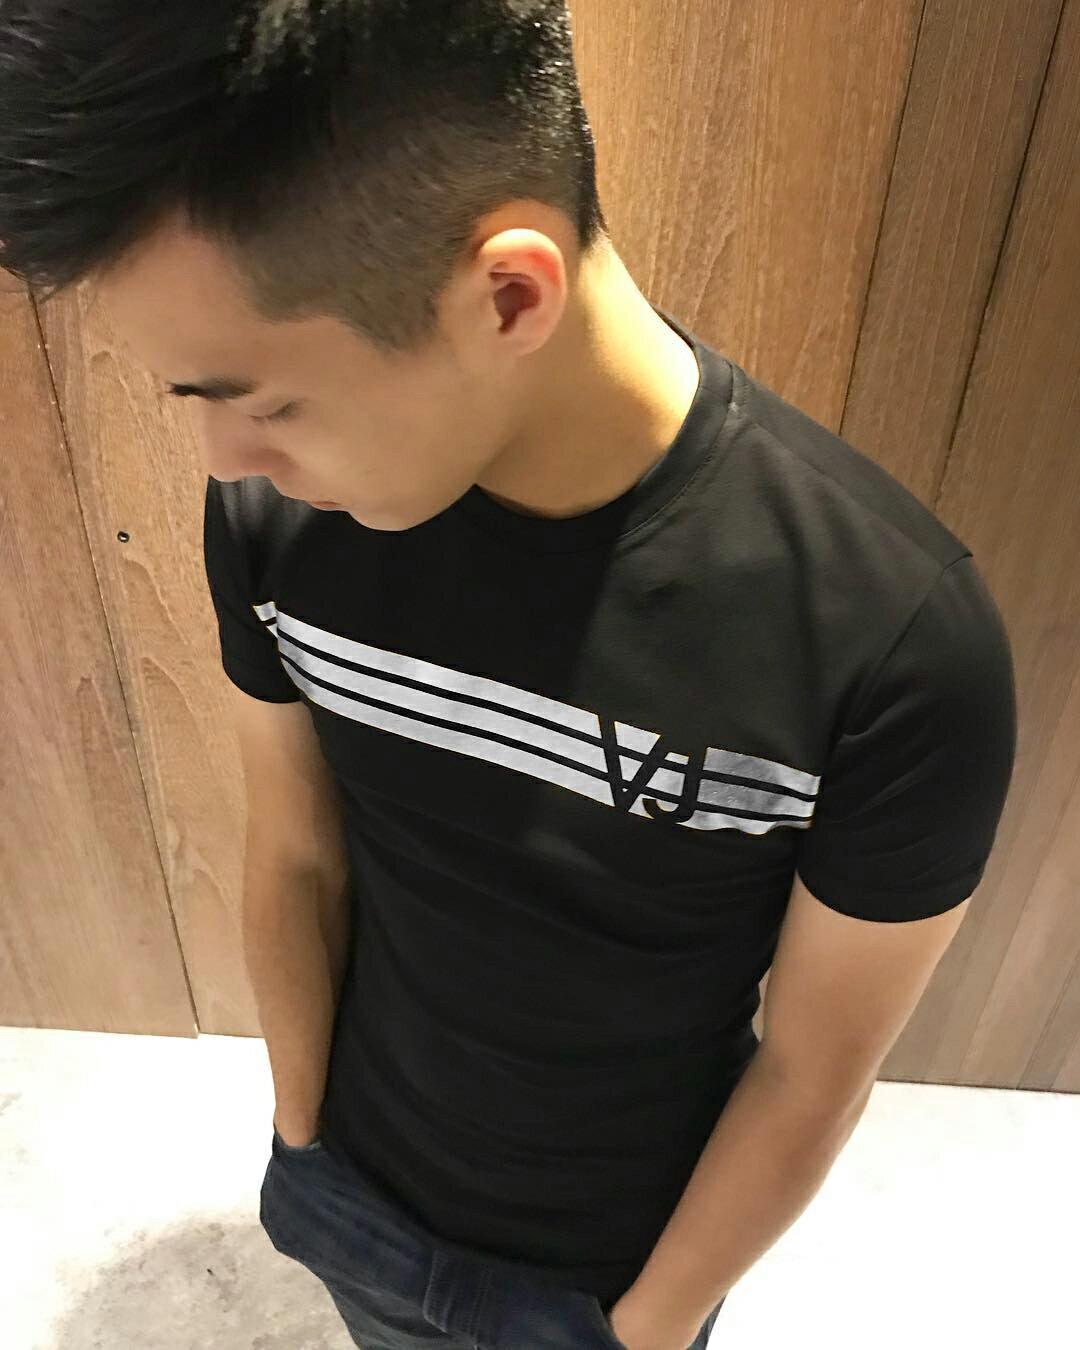 美國百分百【全新真品】Versace 凡賽斯 圓領短袖 T恤 logo T-shirt 修身版L號 燙銀 黑色 J117